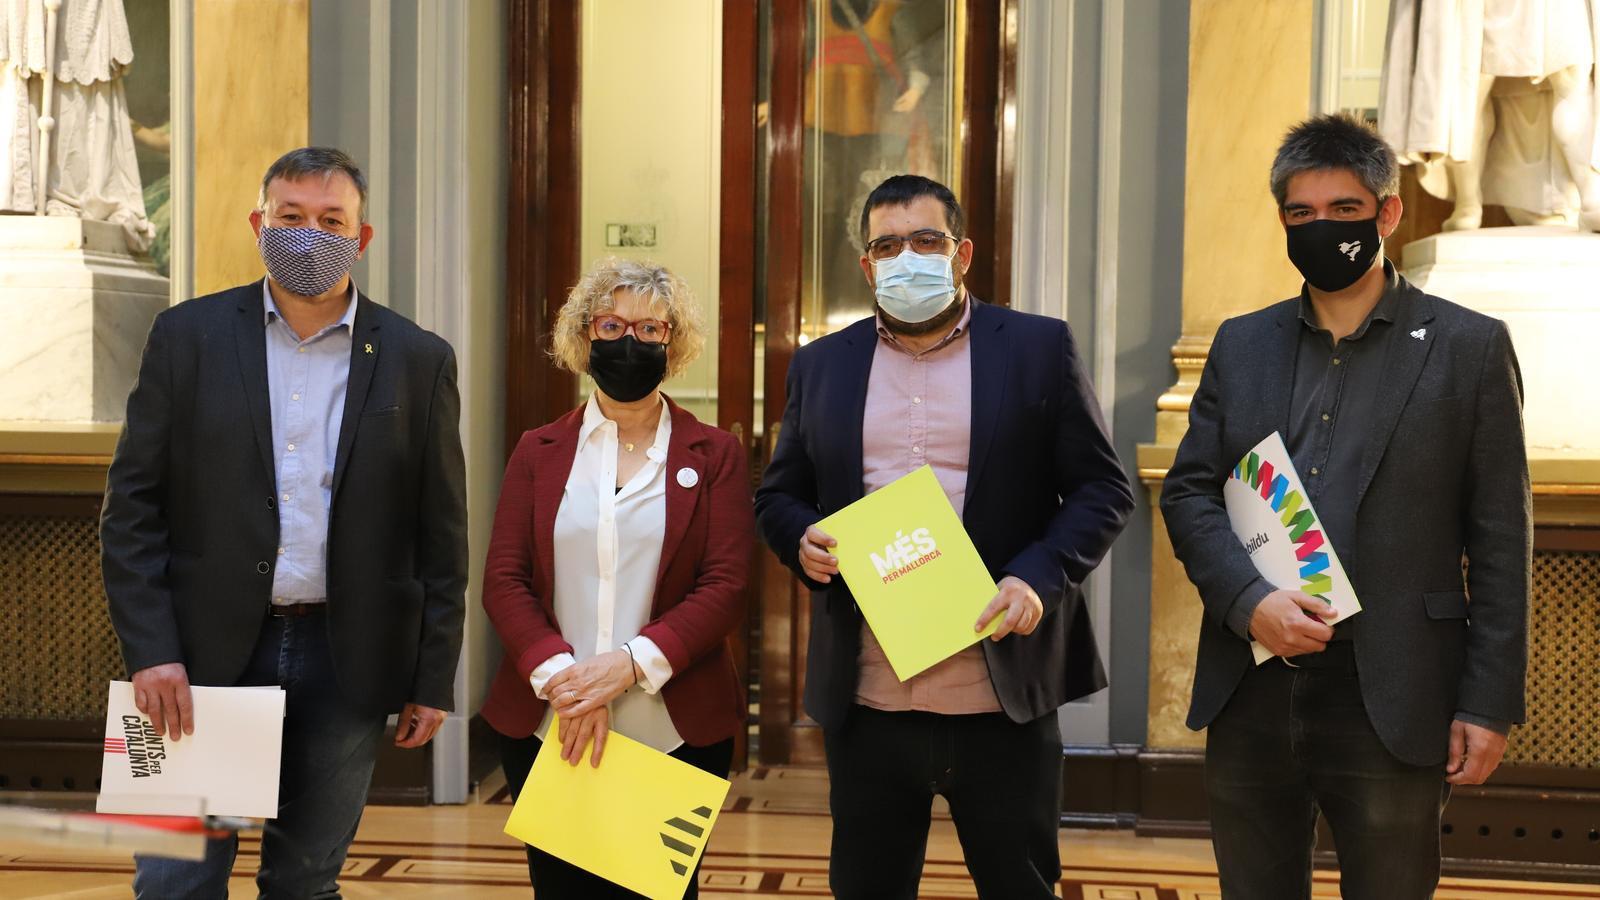 Els representants de MÉS per Mallorca,  Esquerra Republicana, JxCat, i EH Bildu.